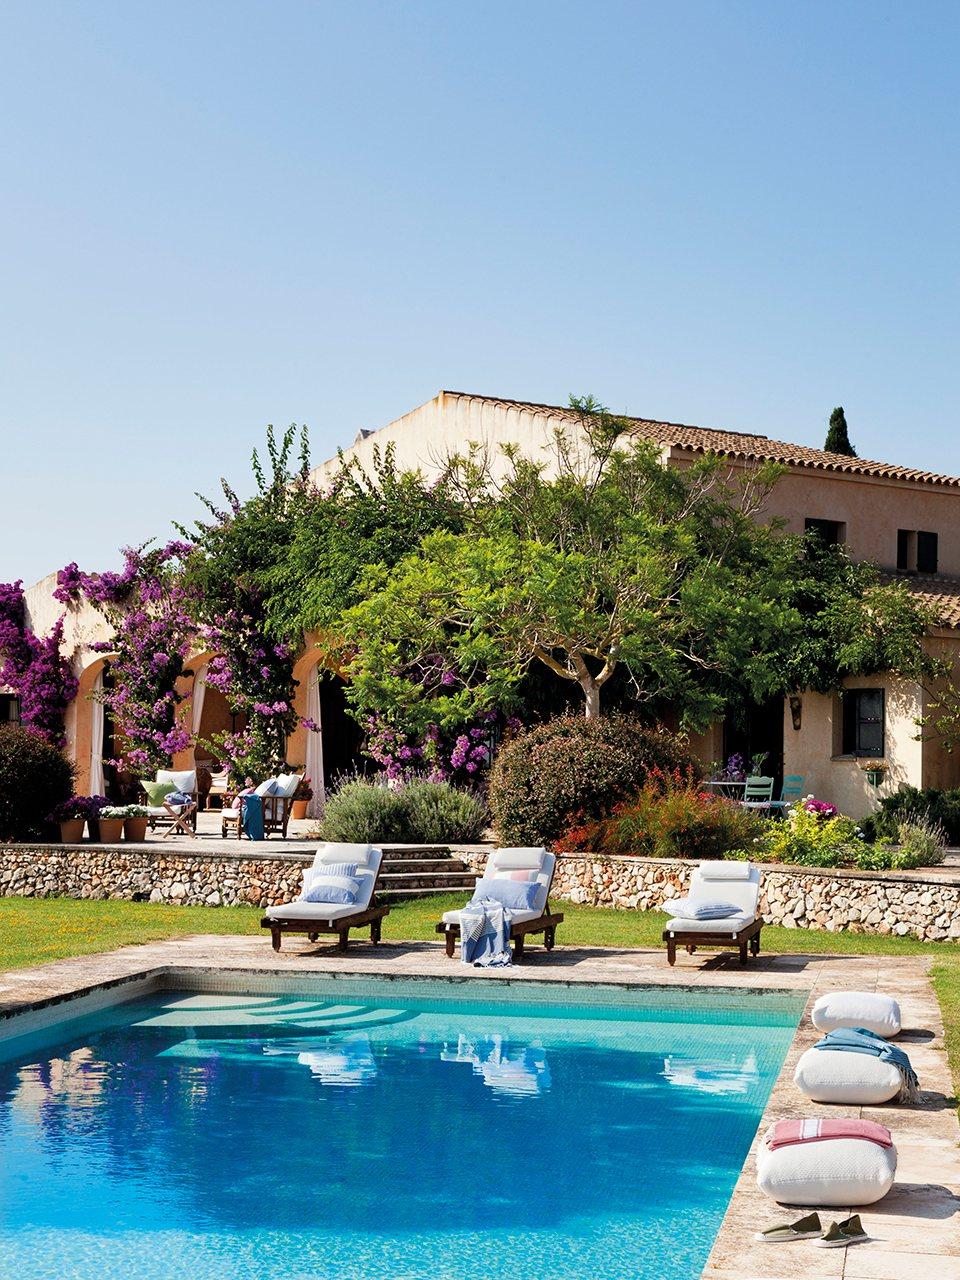 Elige las mejores tumbonas para tu piscina ideas decoradores - Tumbonas para piscina ...